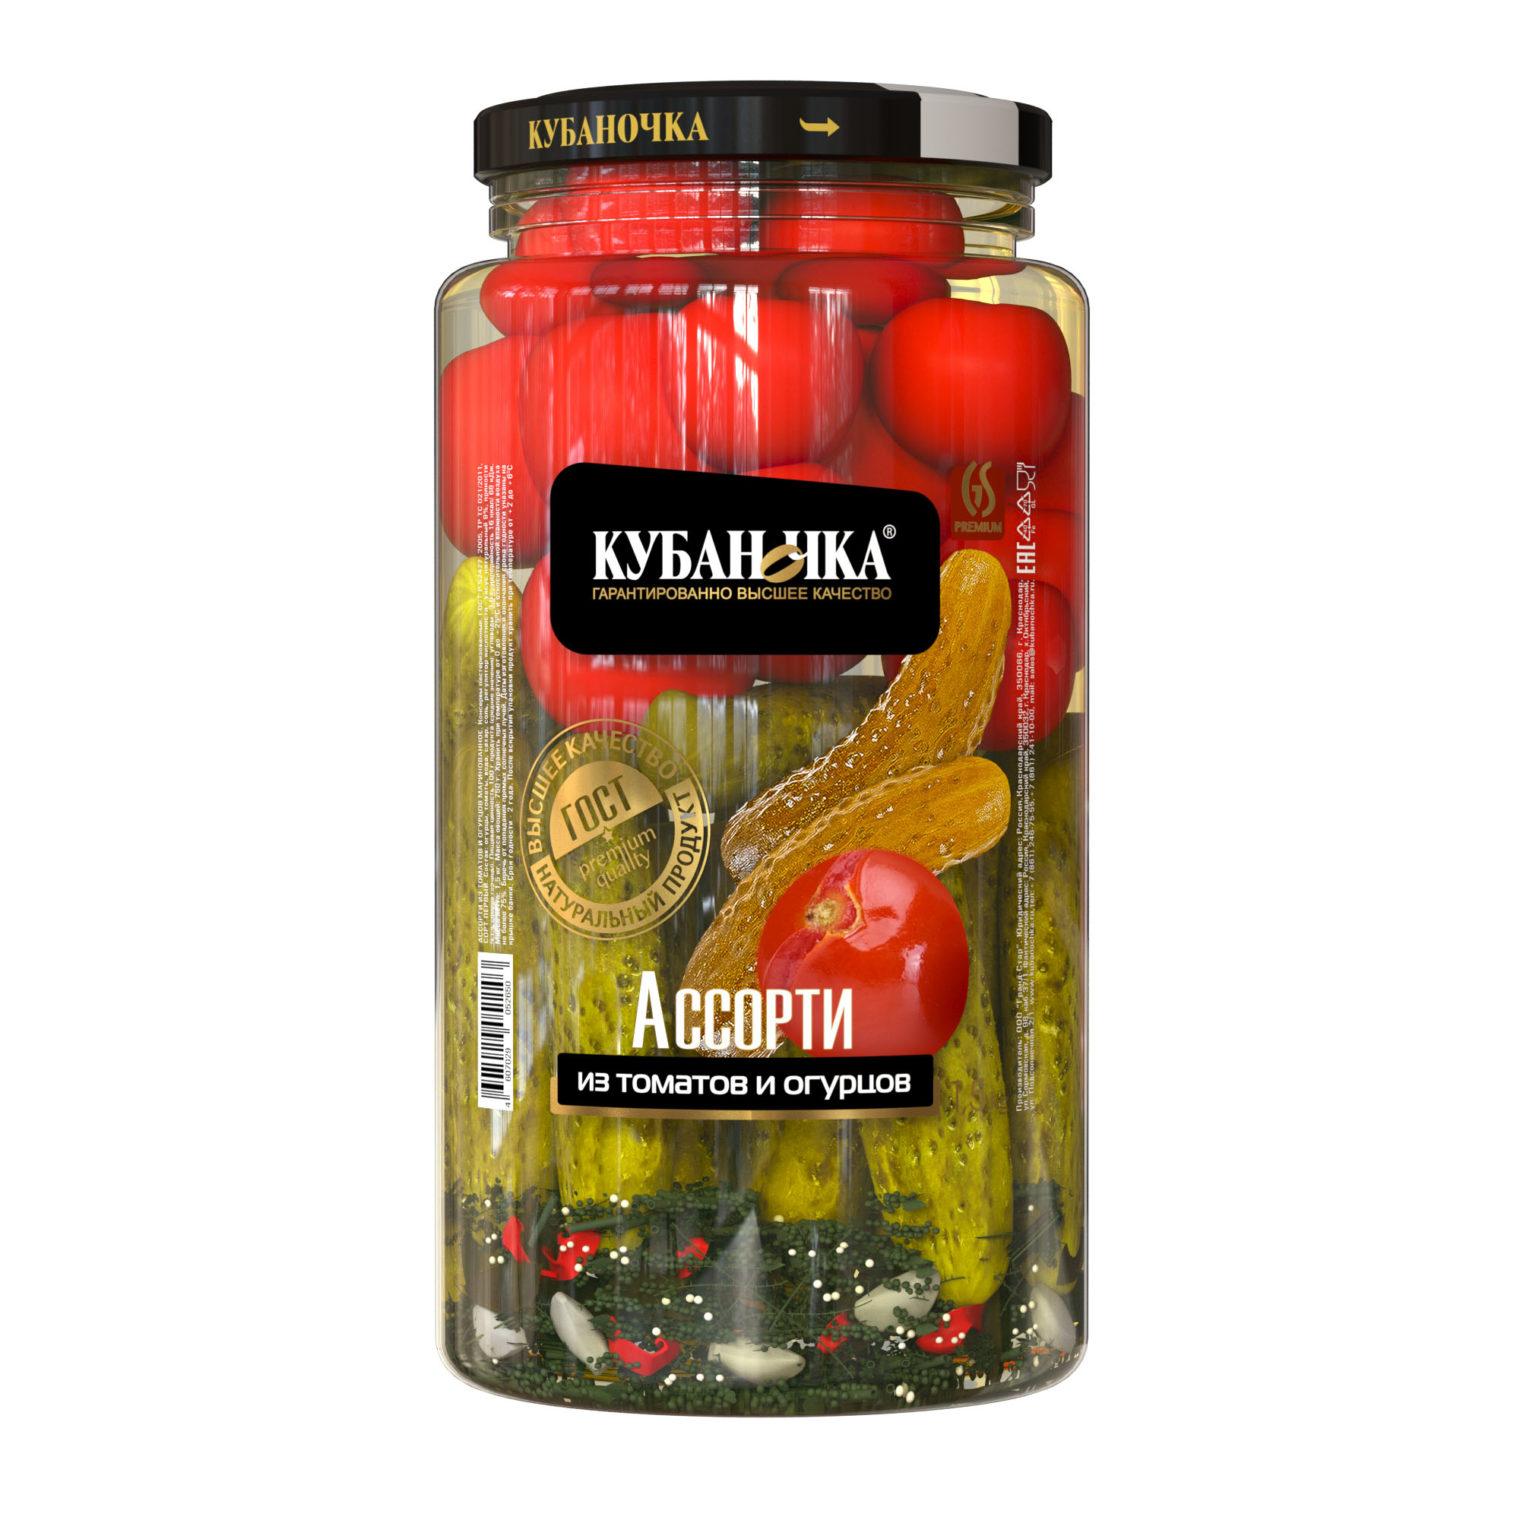 Ассорти из томатов и огурцов, Масса: 1,5 кг